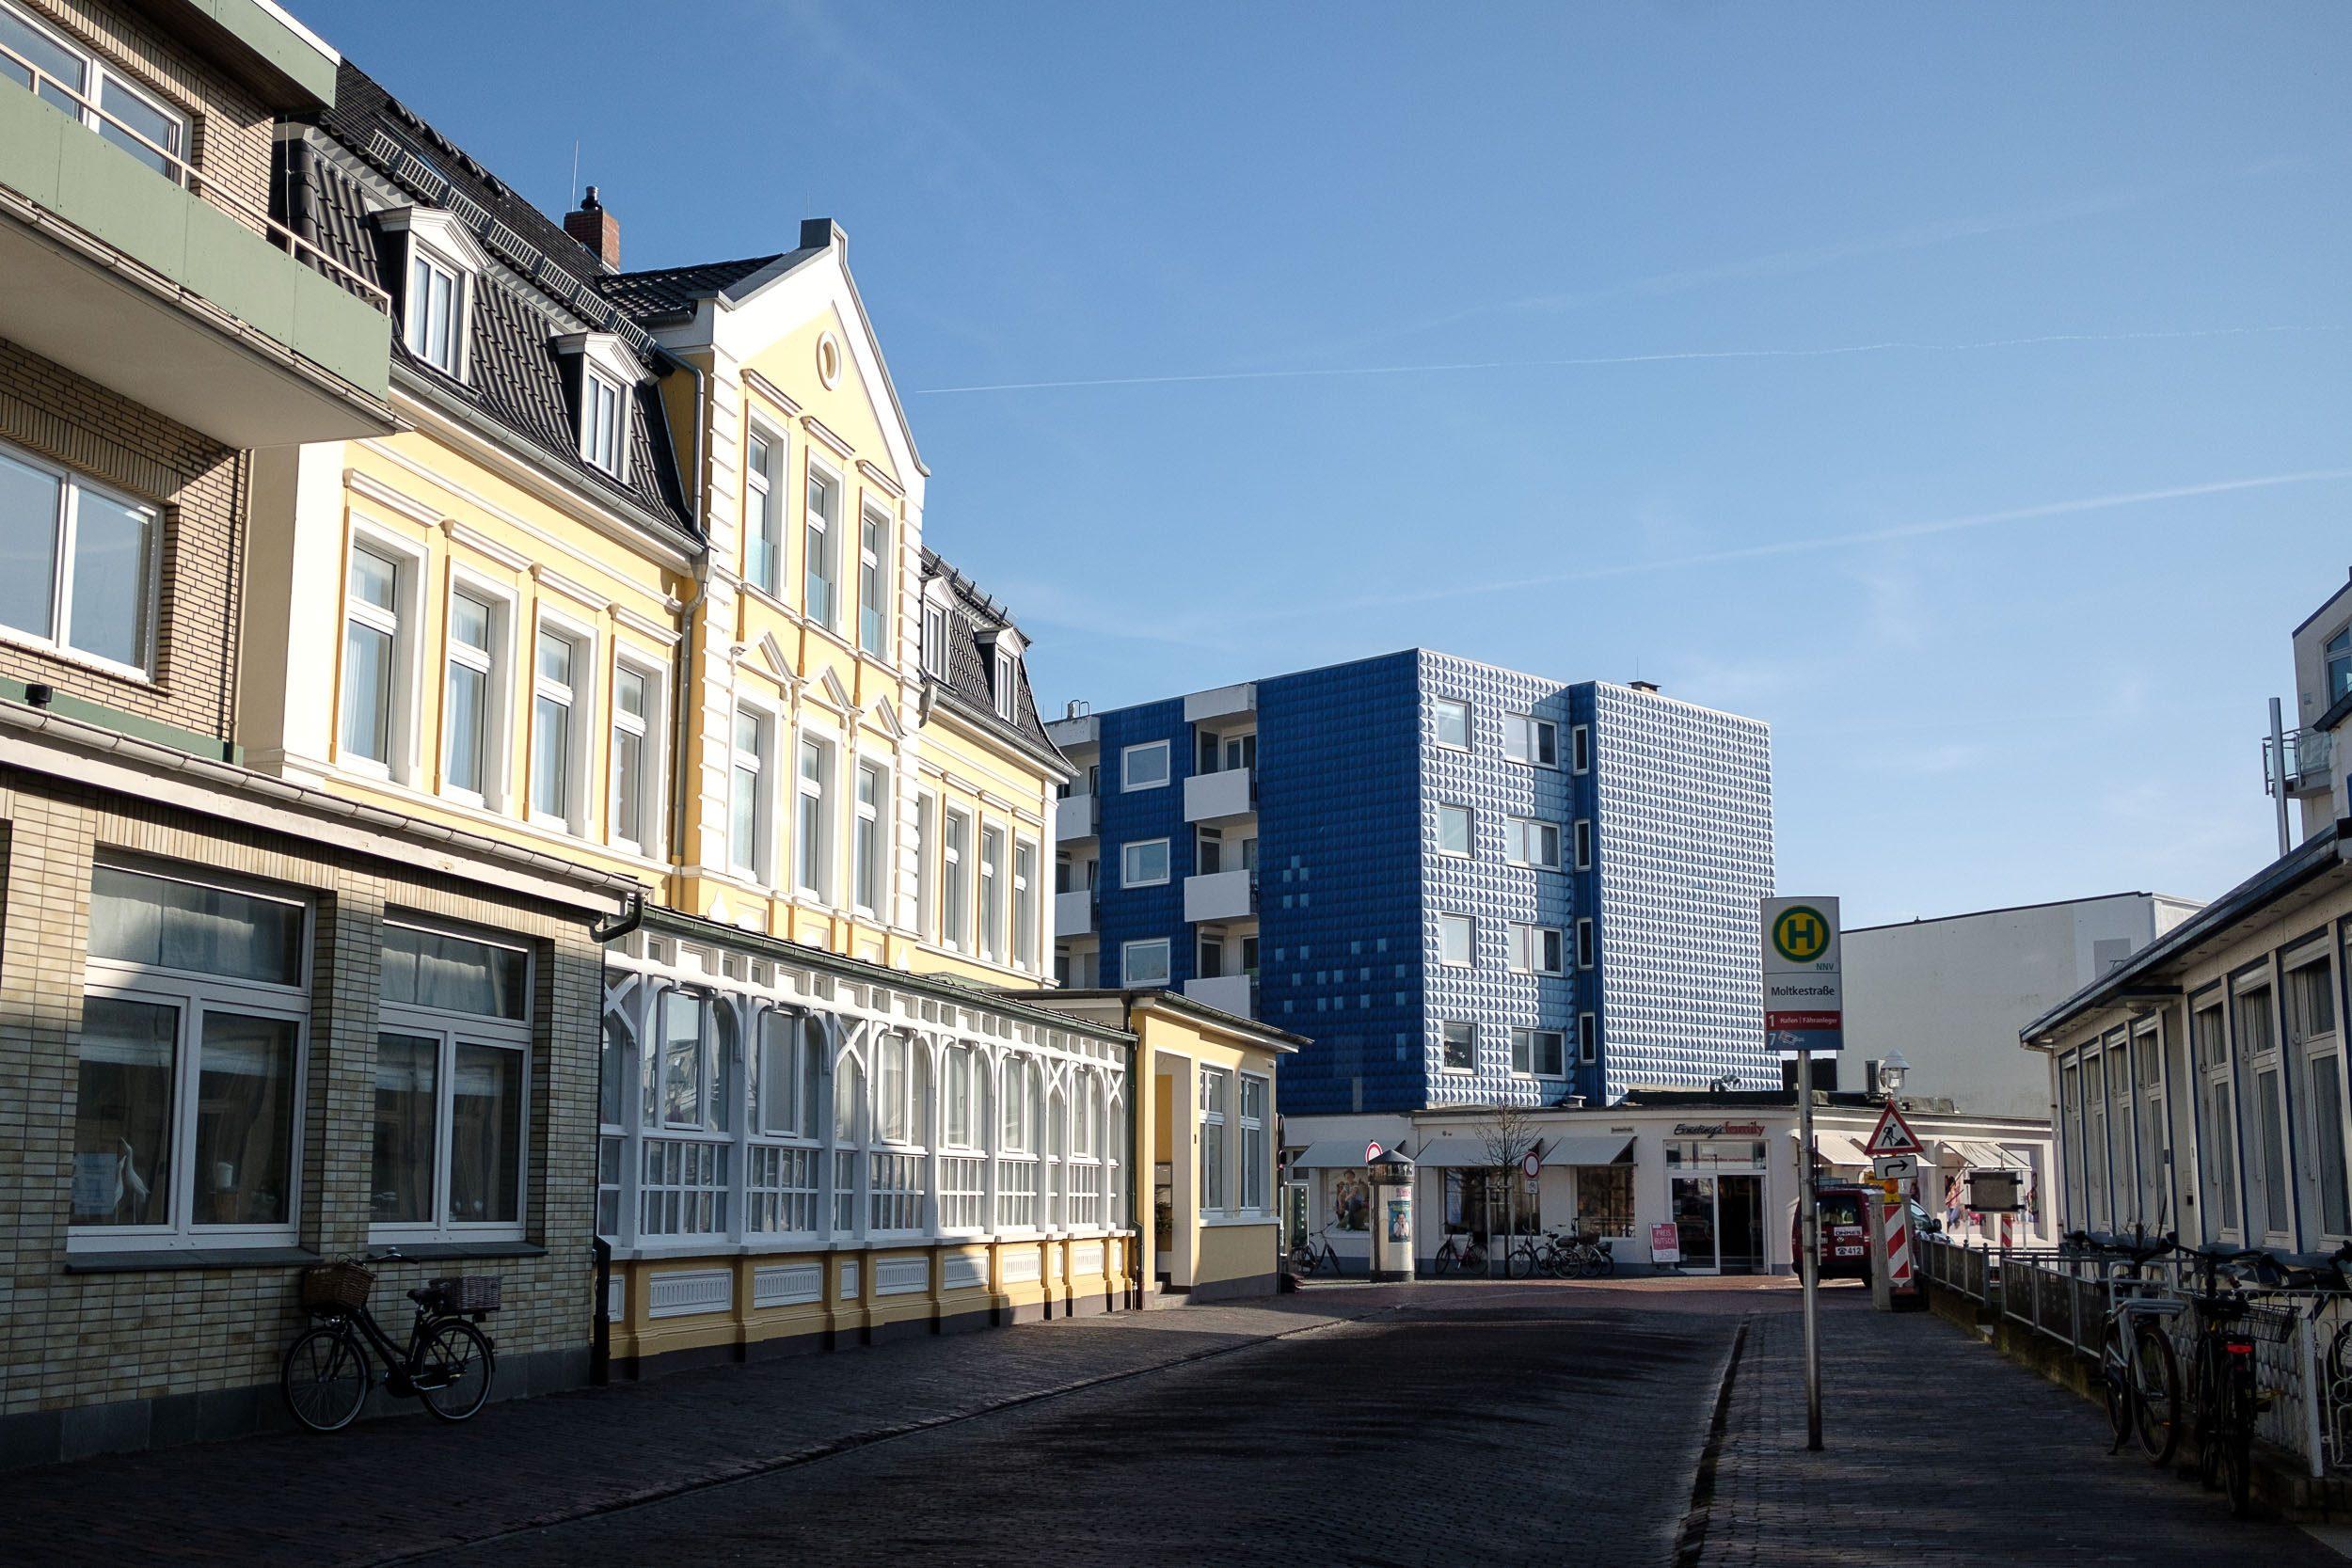 Norderney Innenstadt